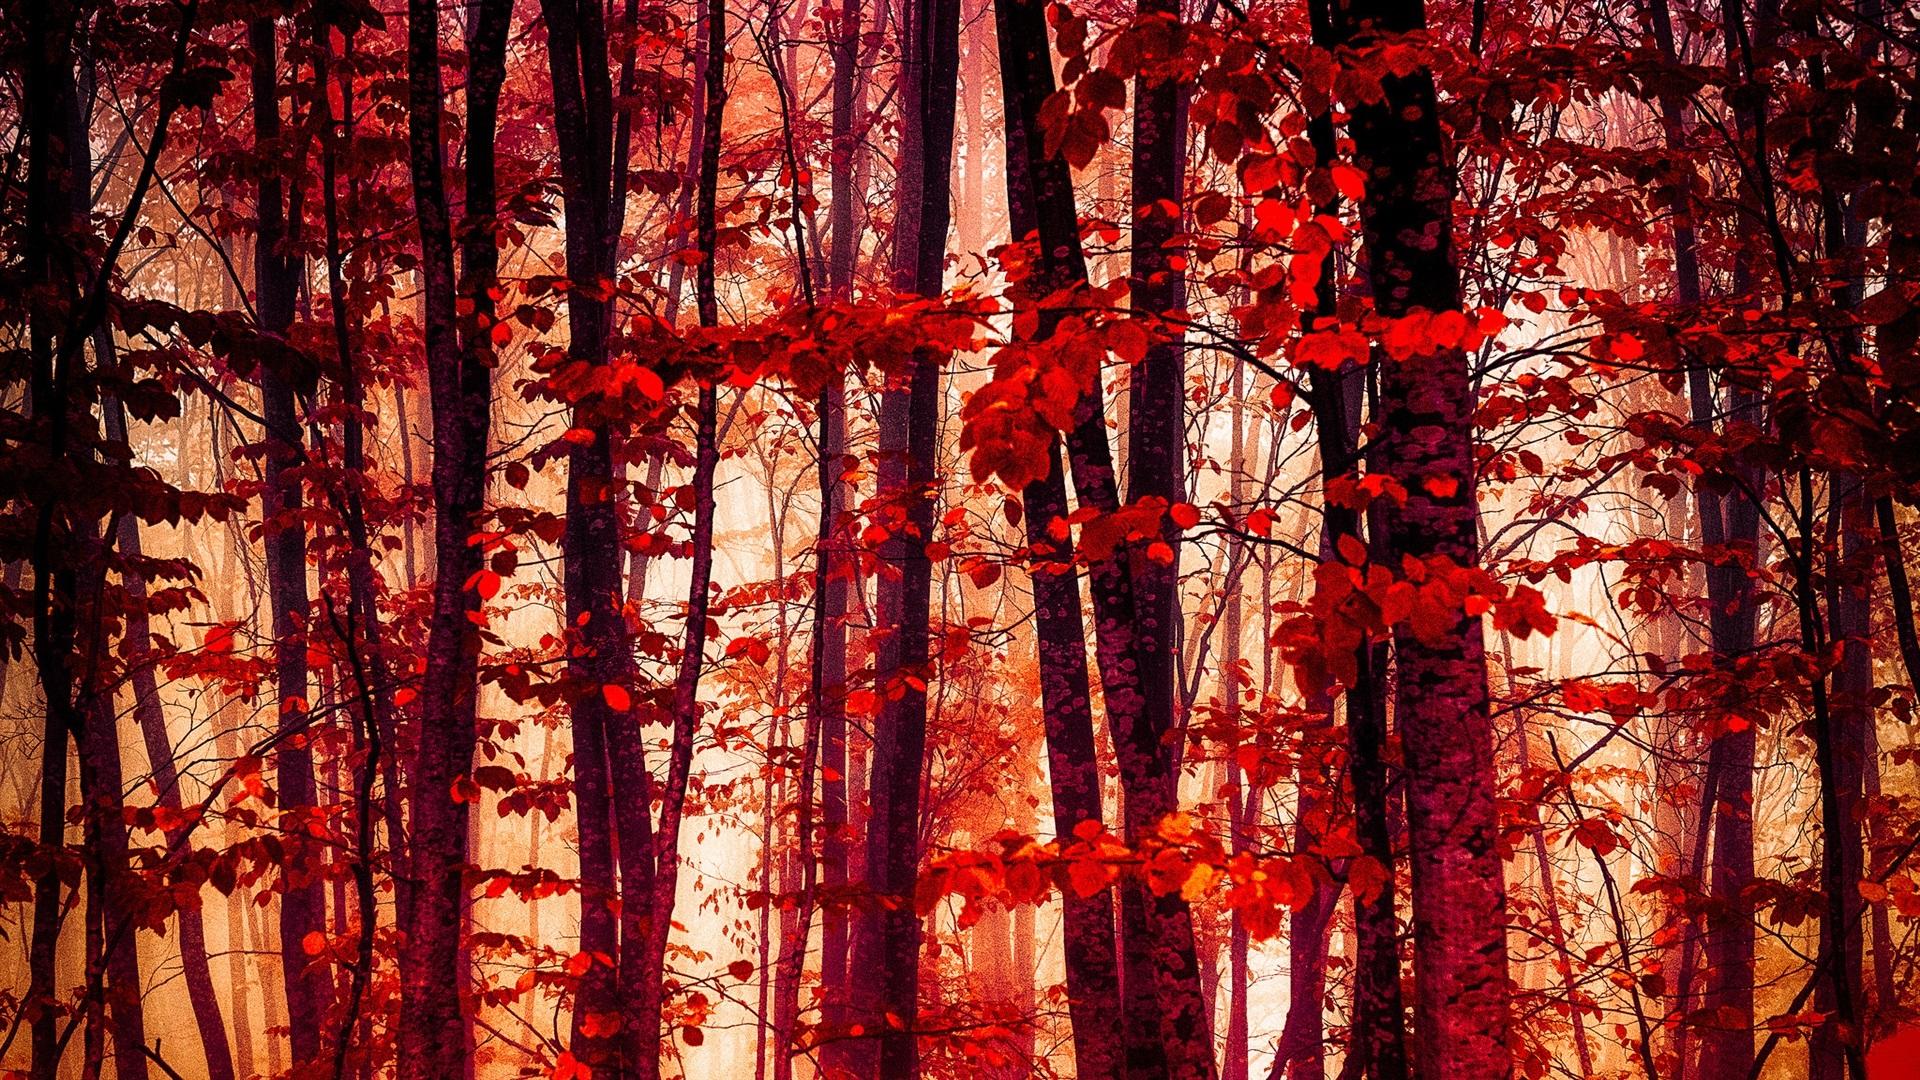 красный лес рисунок станция алмаз транспортным